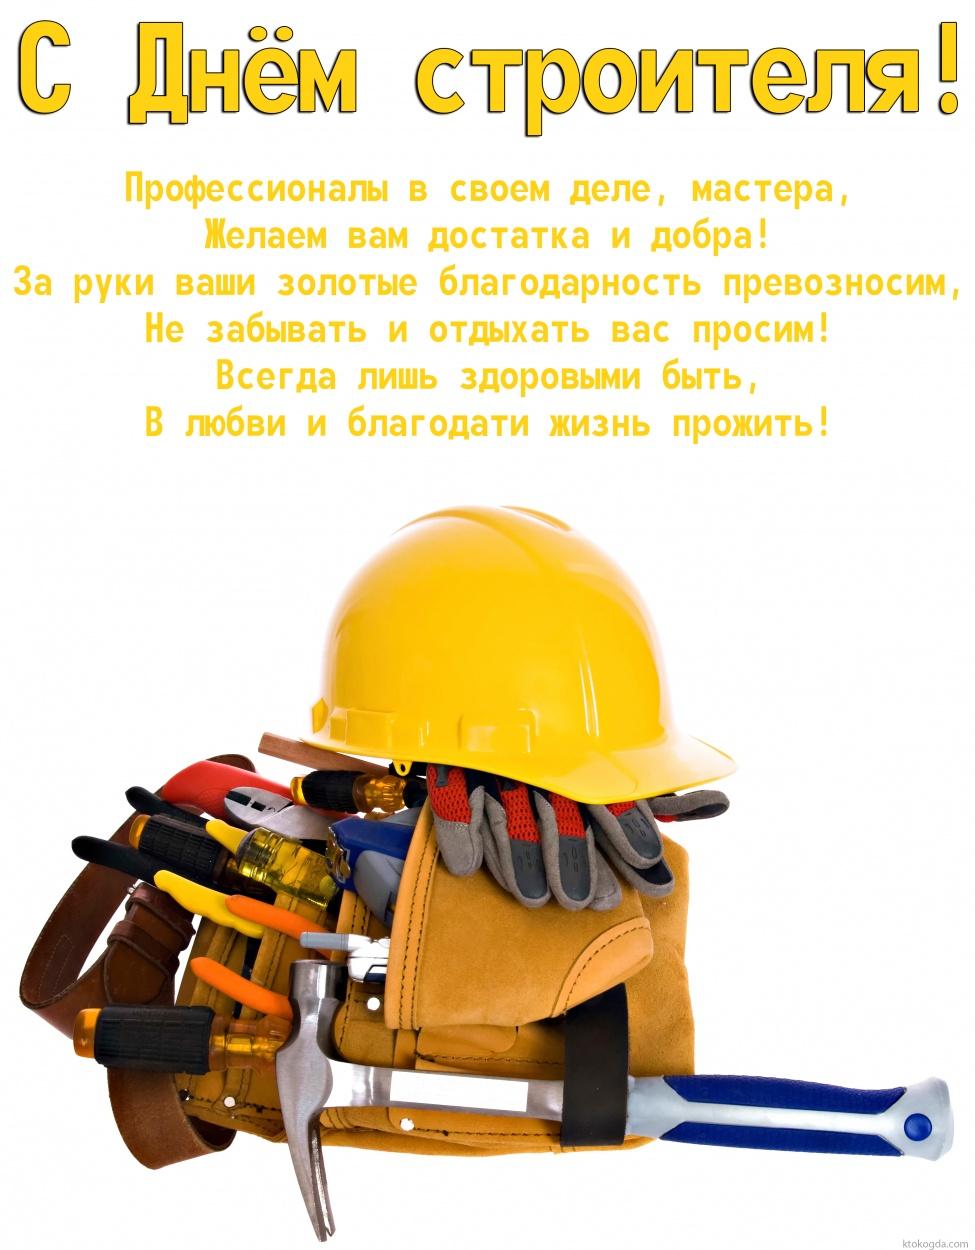 Фото открыток с днем строителя